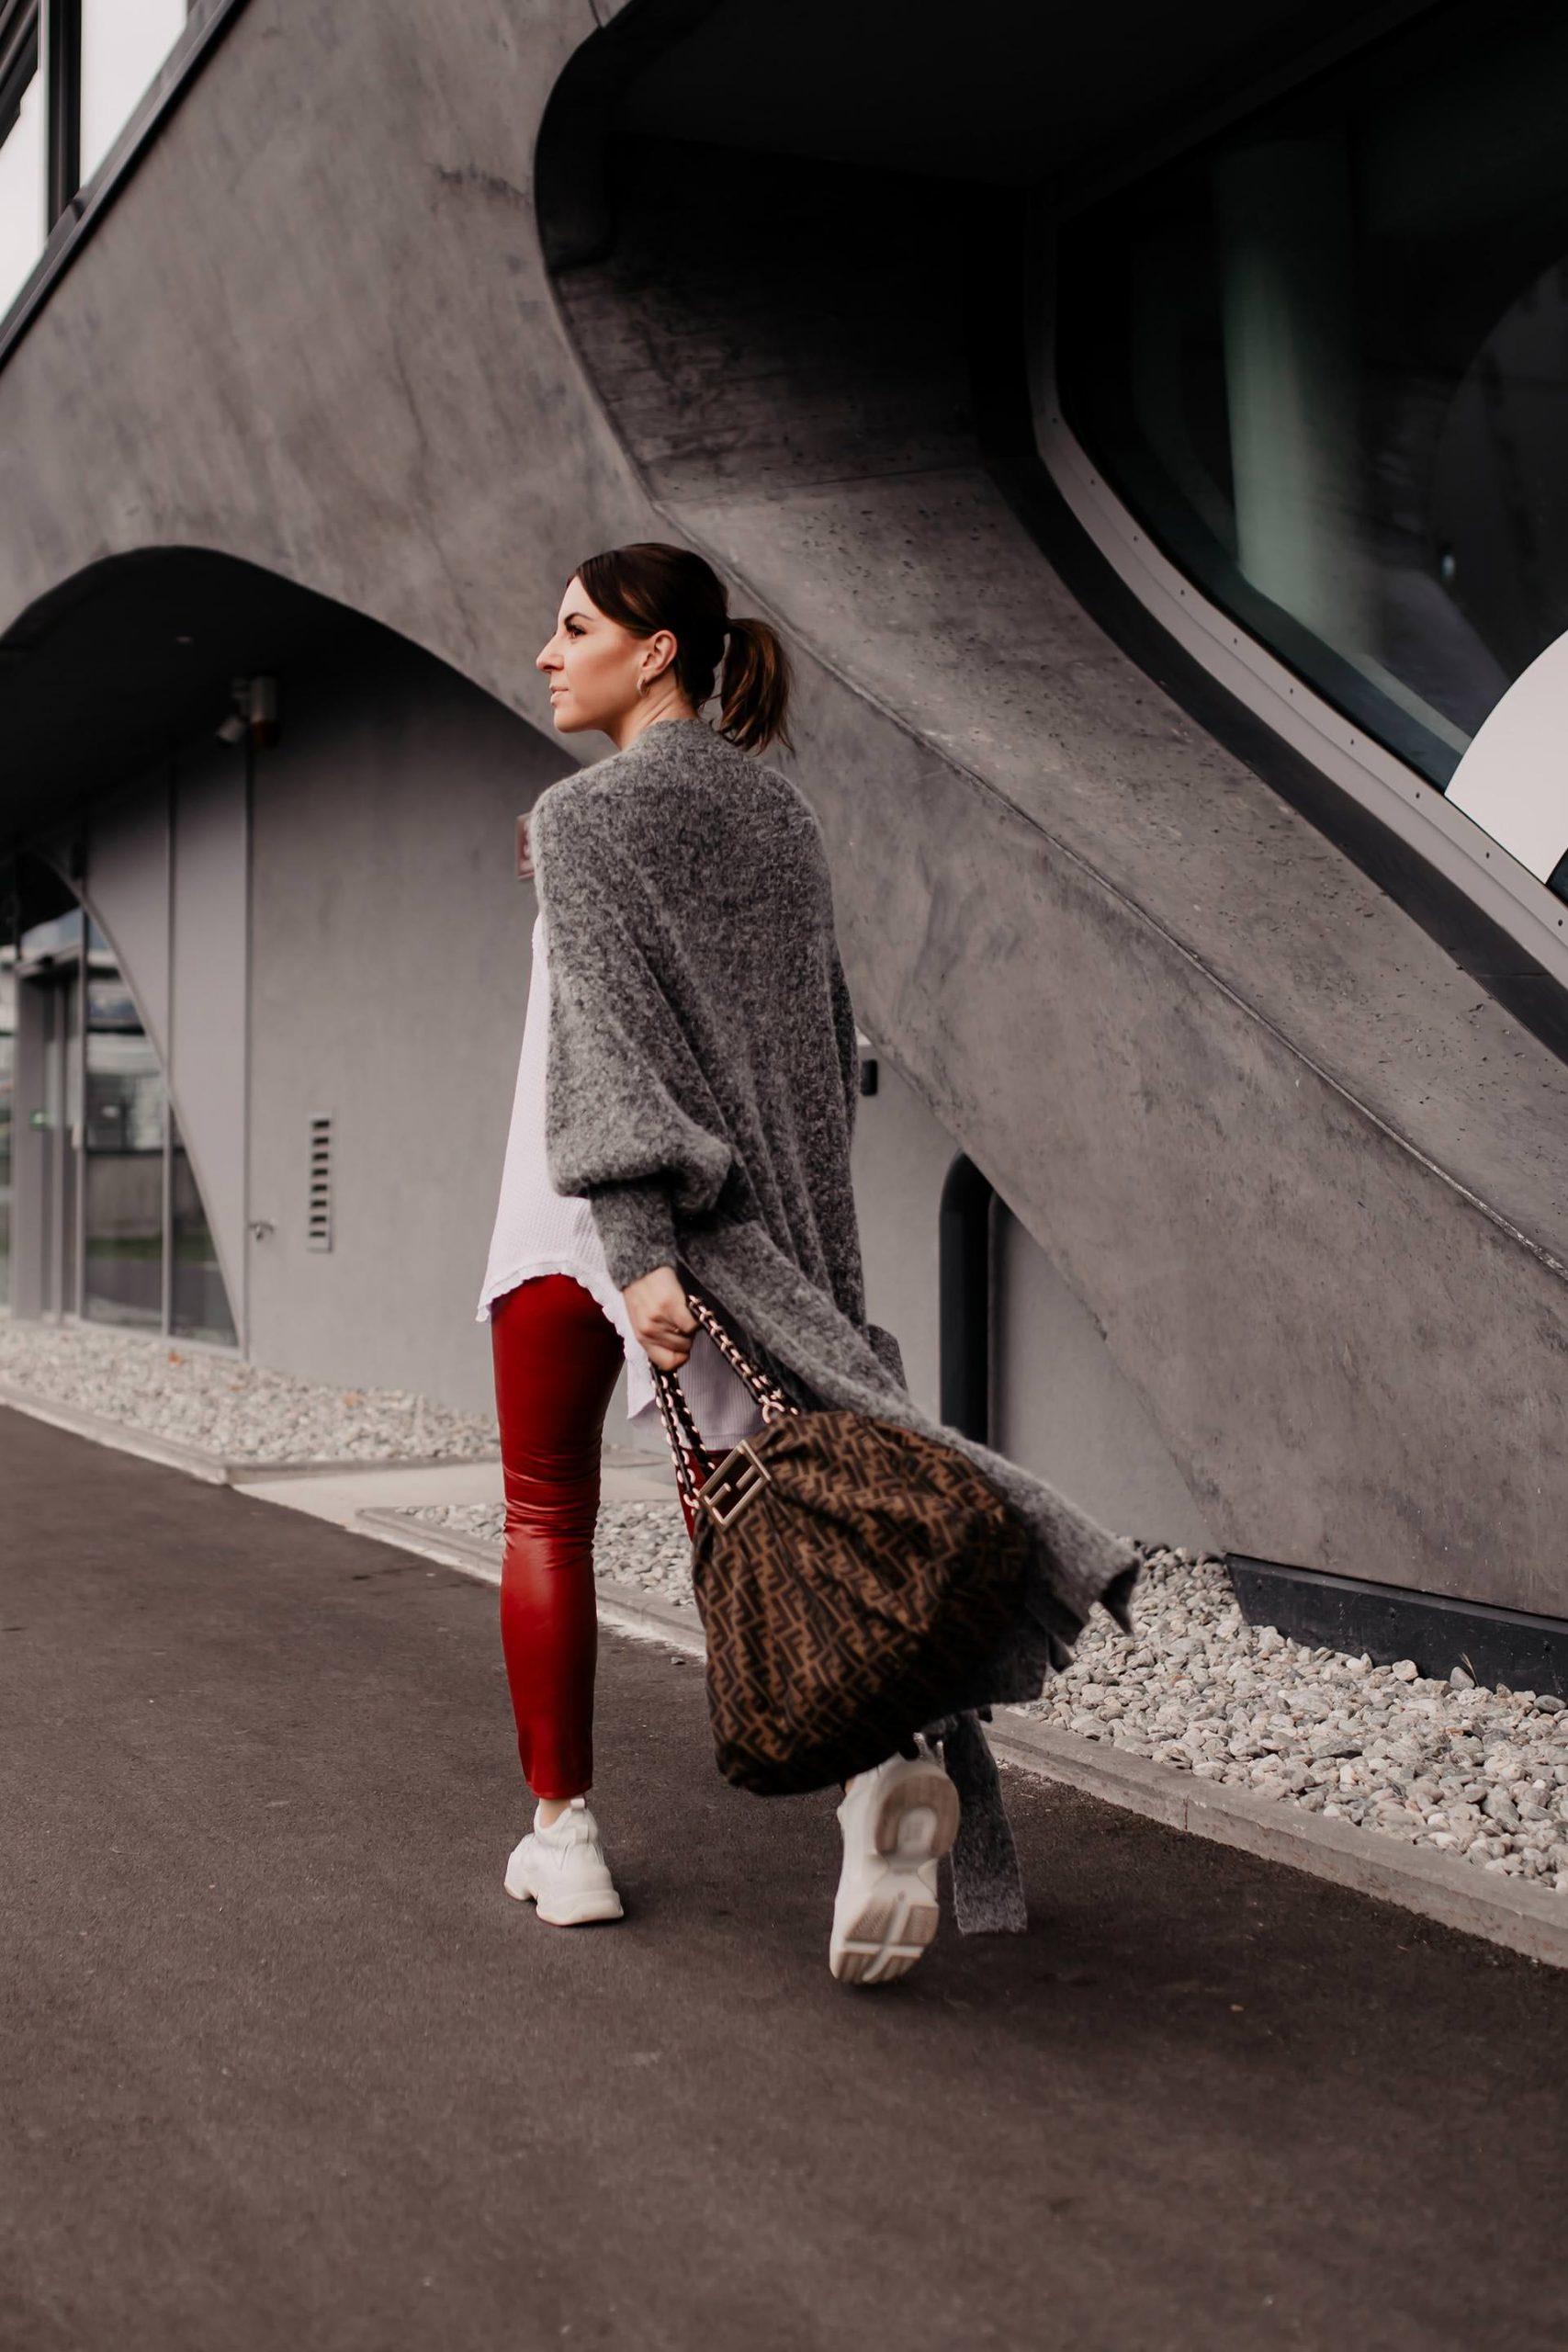 Du willst eine rote Lederhose kombinieren? Am Modeblog verrate ich dir, worauf du achten solltest und wie dir schöne Outfits für den Alltag gelingen! www.whoismocca.com #lederhose #modetrends #outfitoftheday